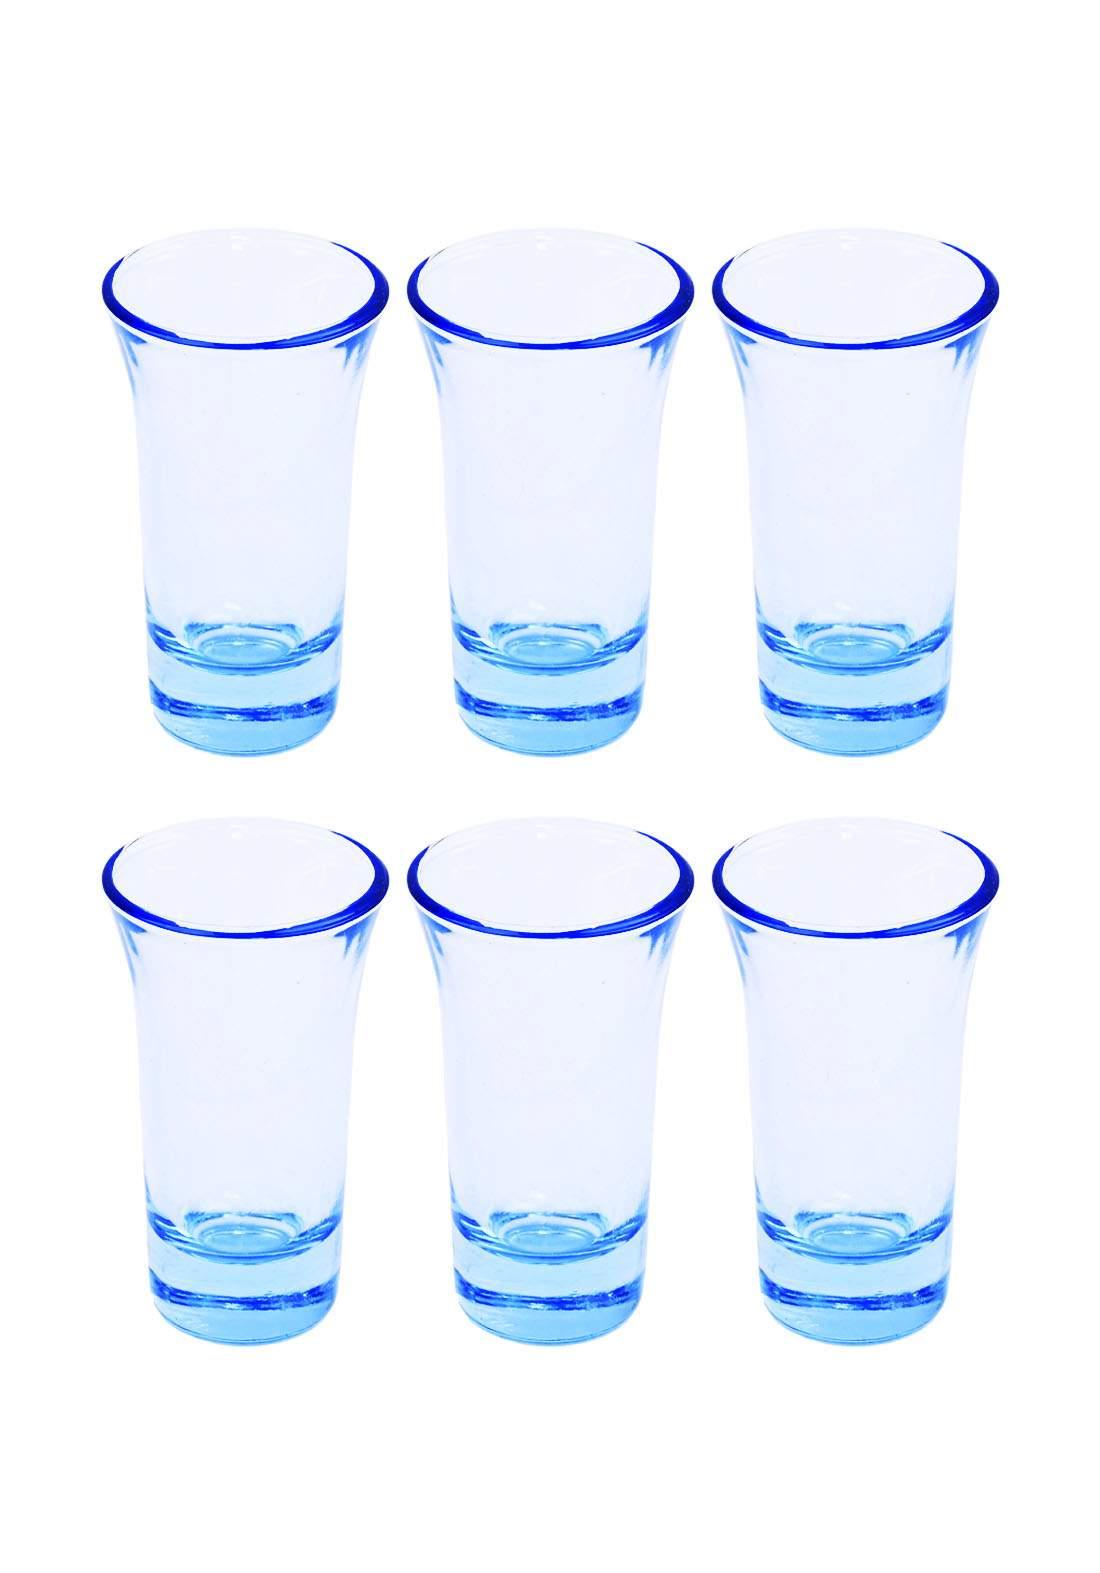 سيت استكانات شاي 6 قطع ازرق شفاف